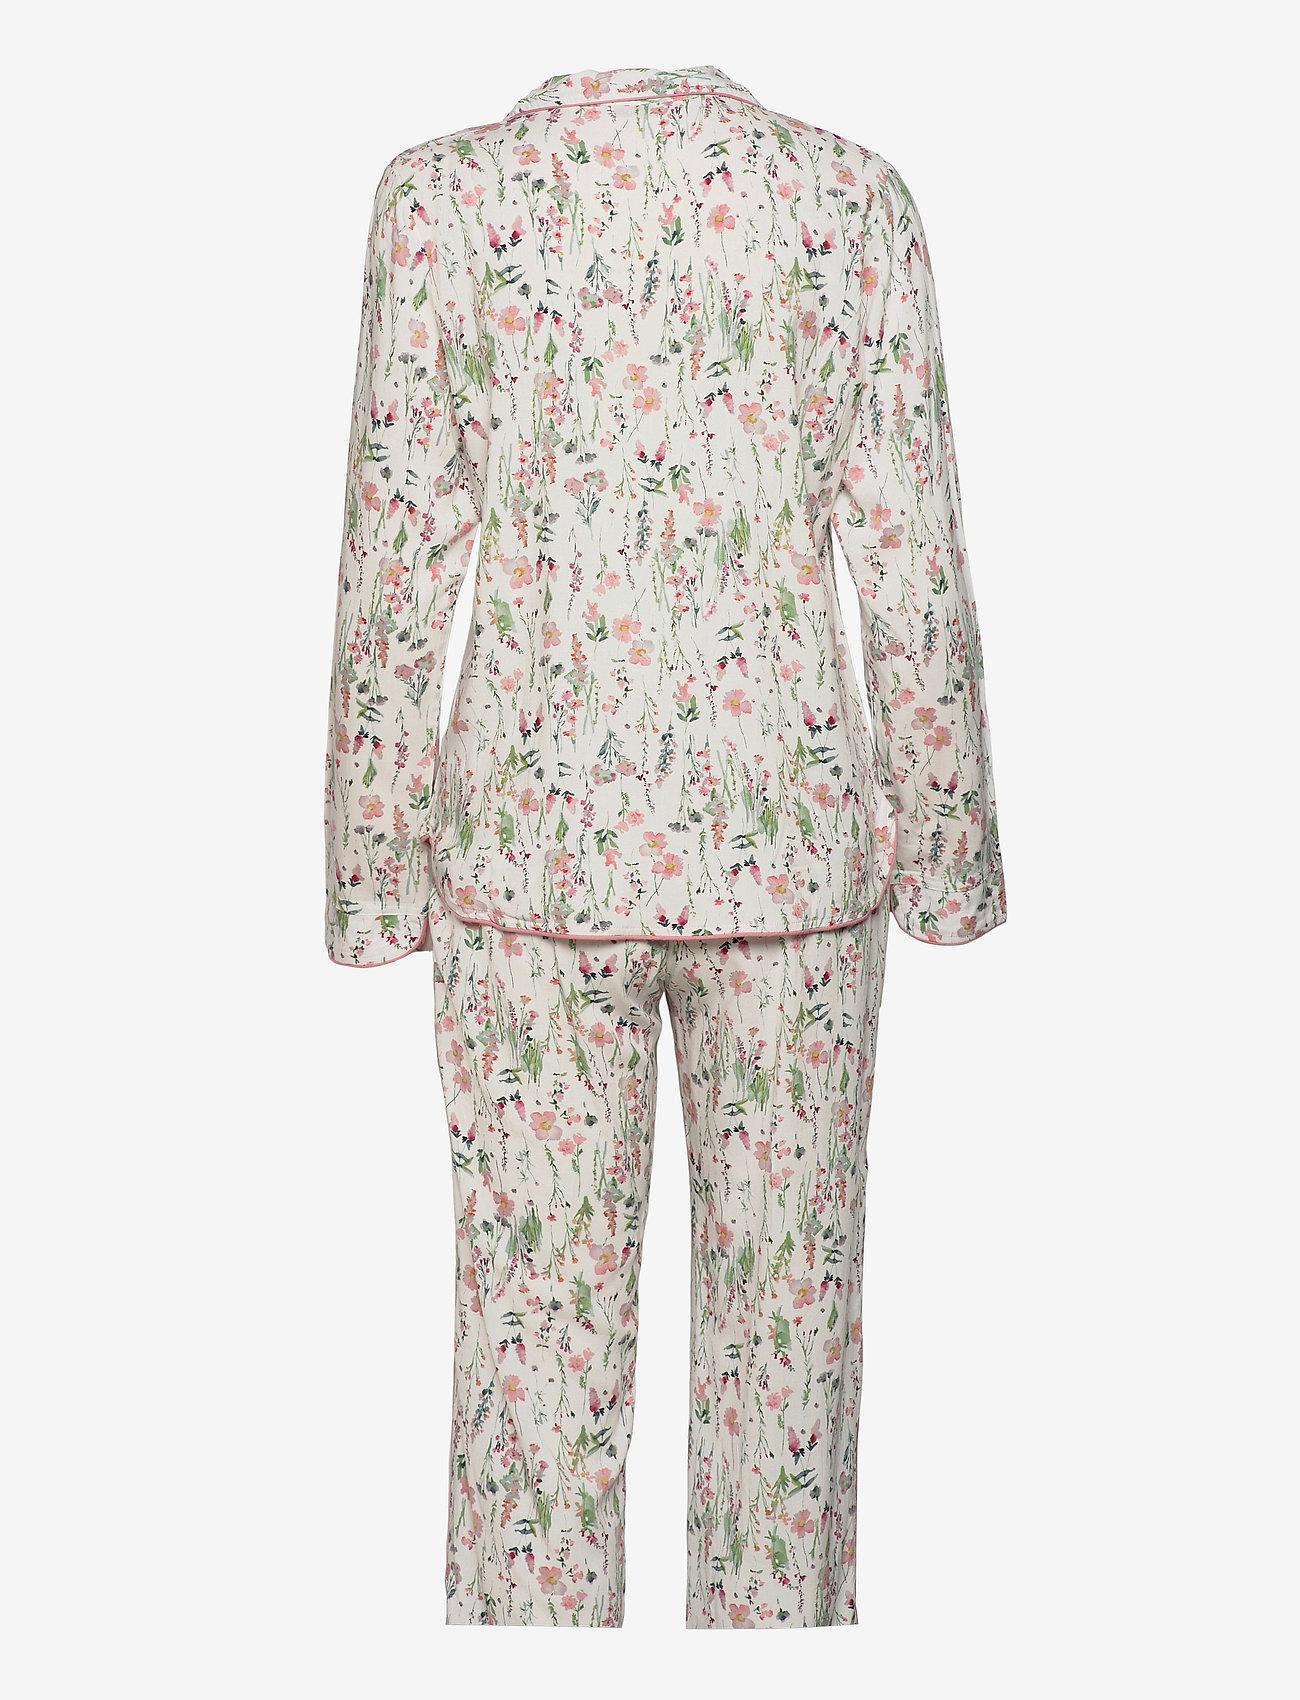 Esprit Bodywear Women - Pyjamas - pyjama''s - off white - 1